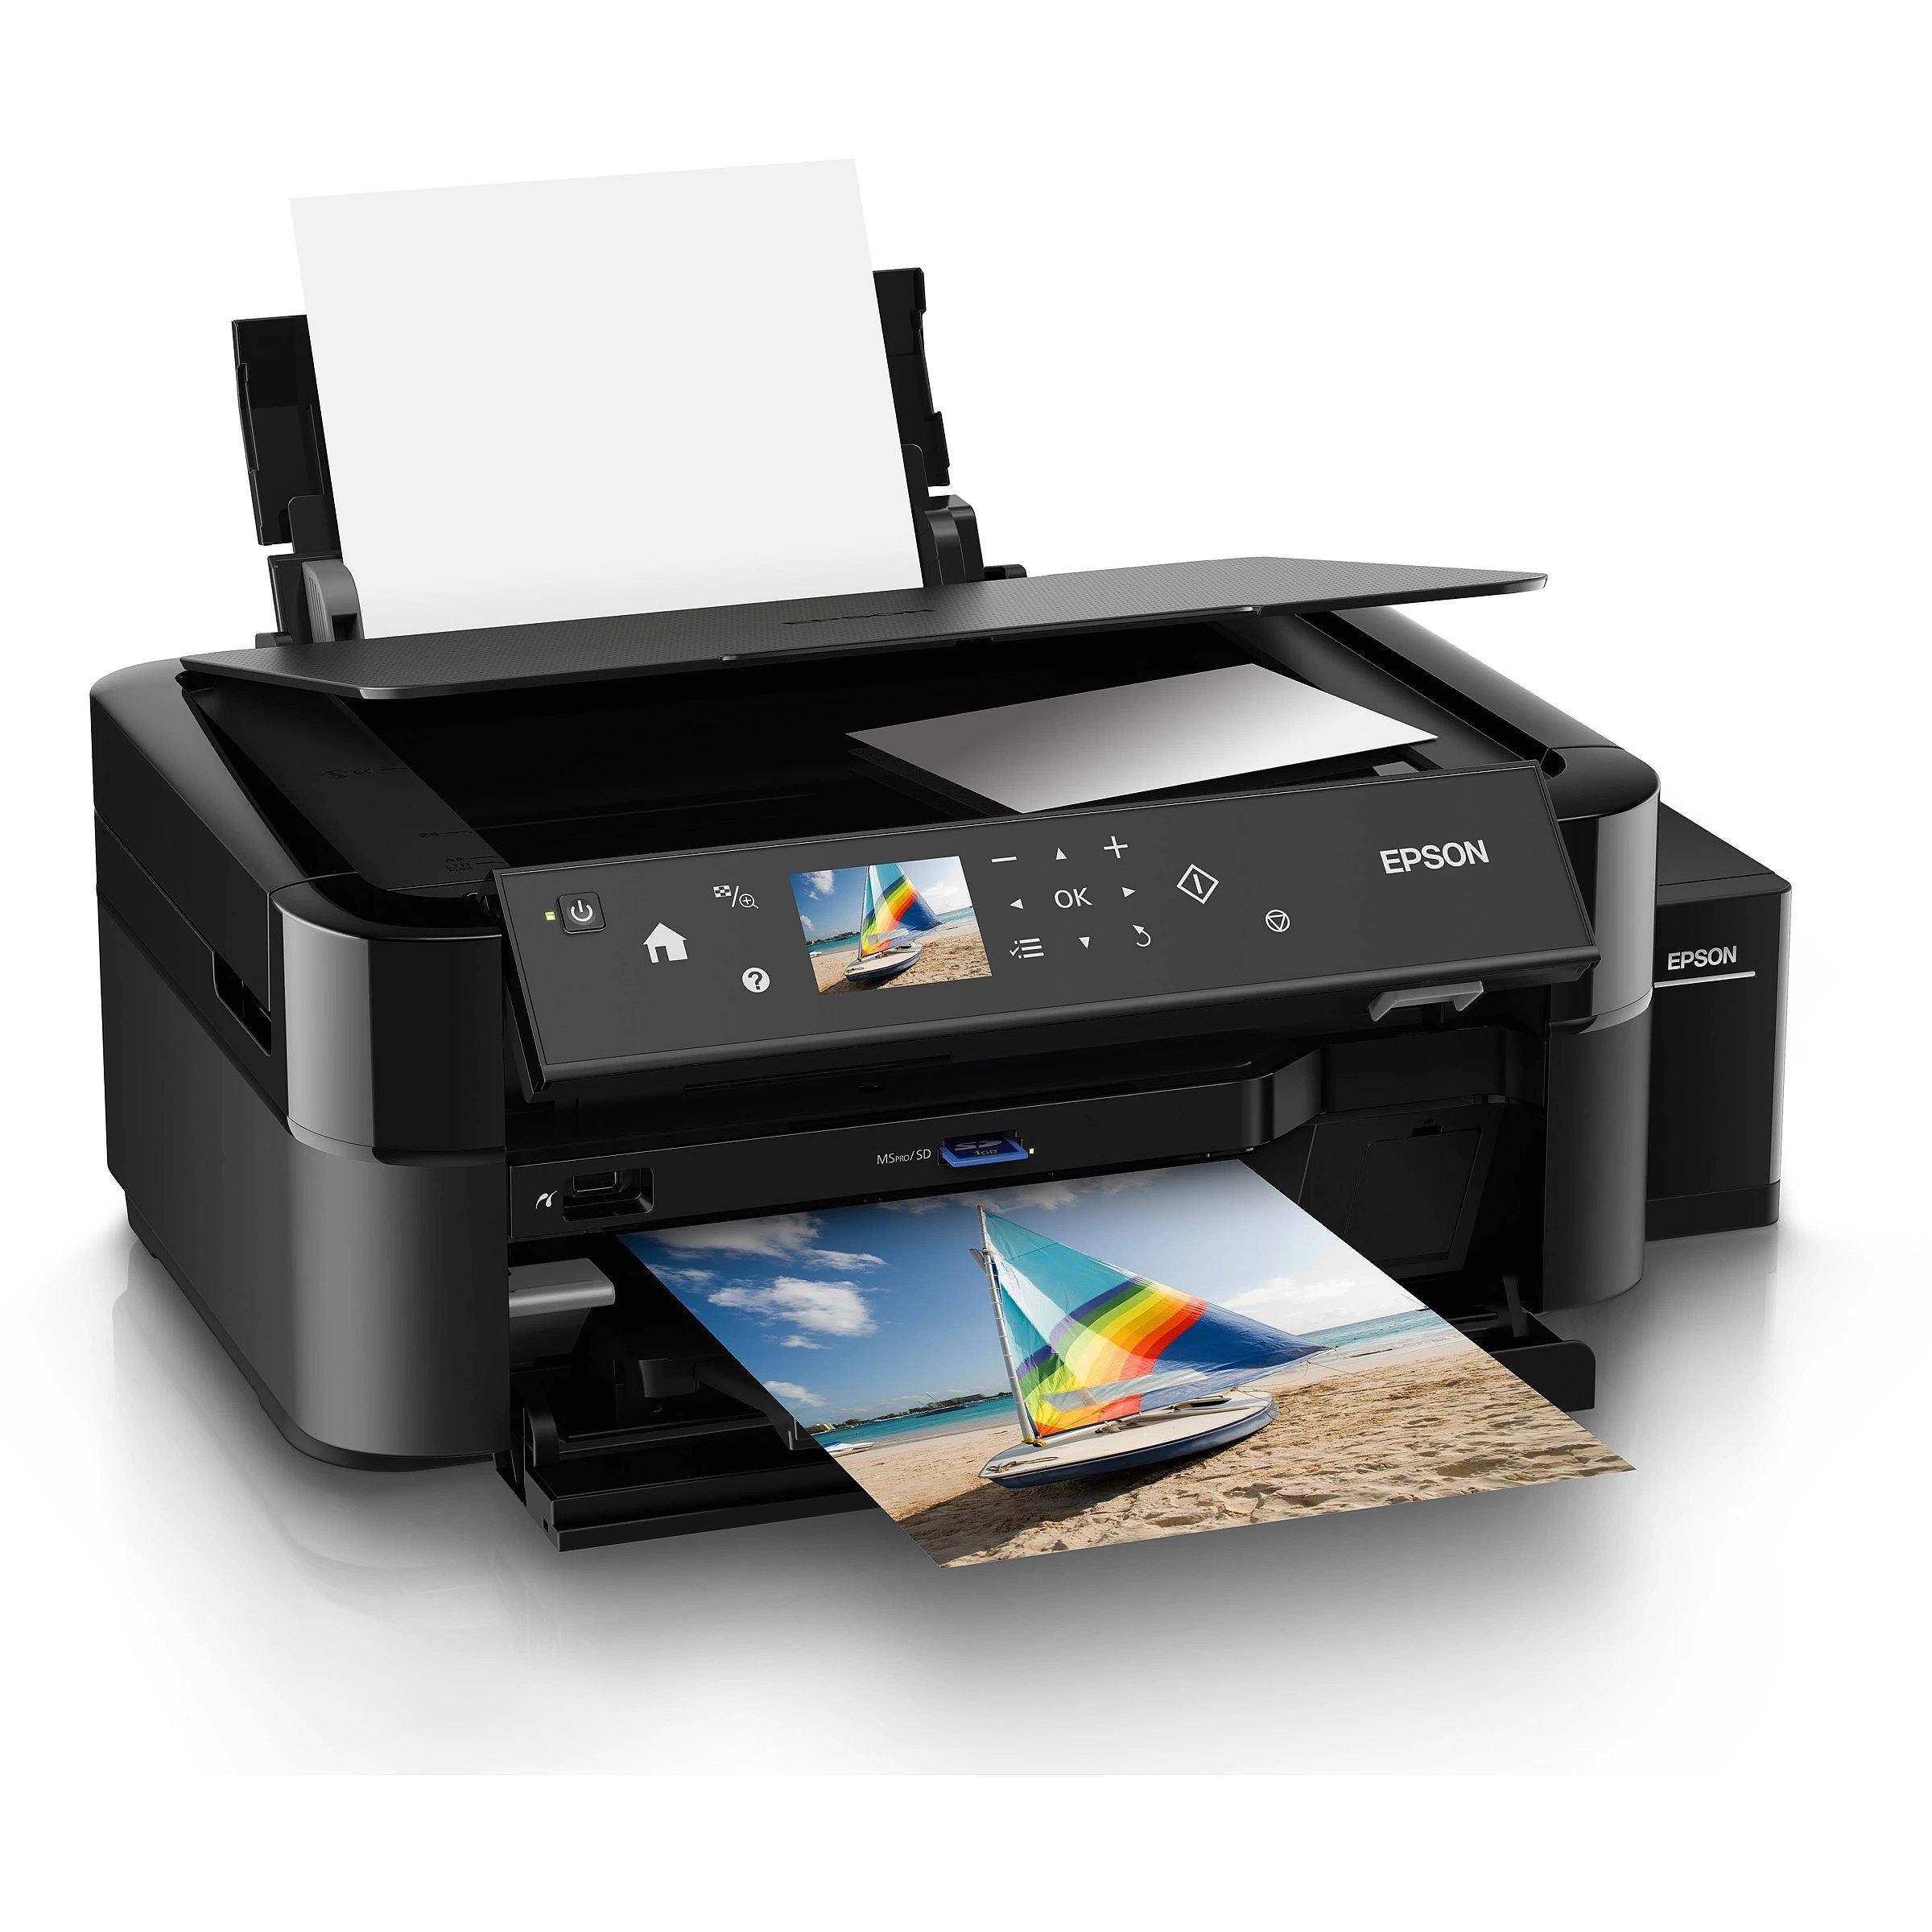 лазерный принтер печать картинок шопинга здесь ждут